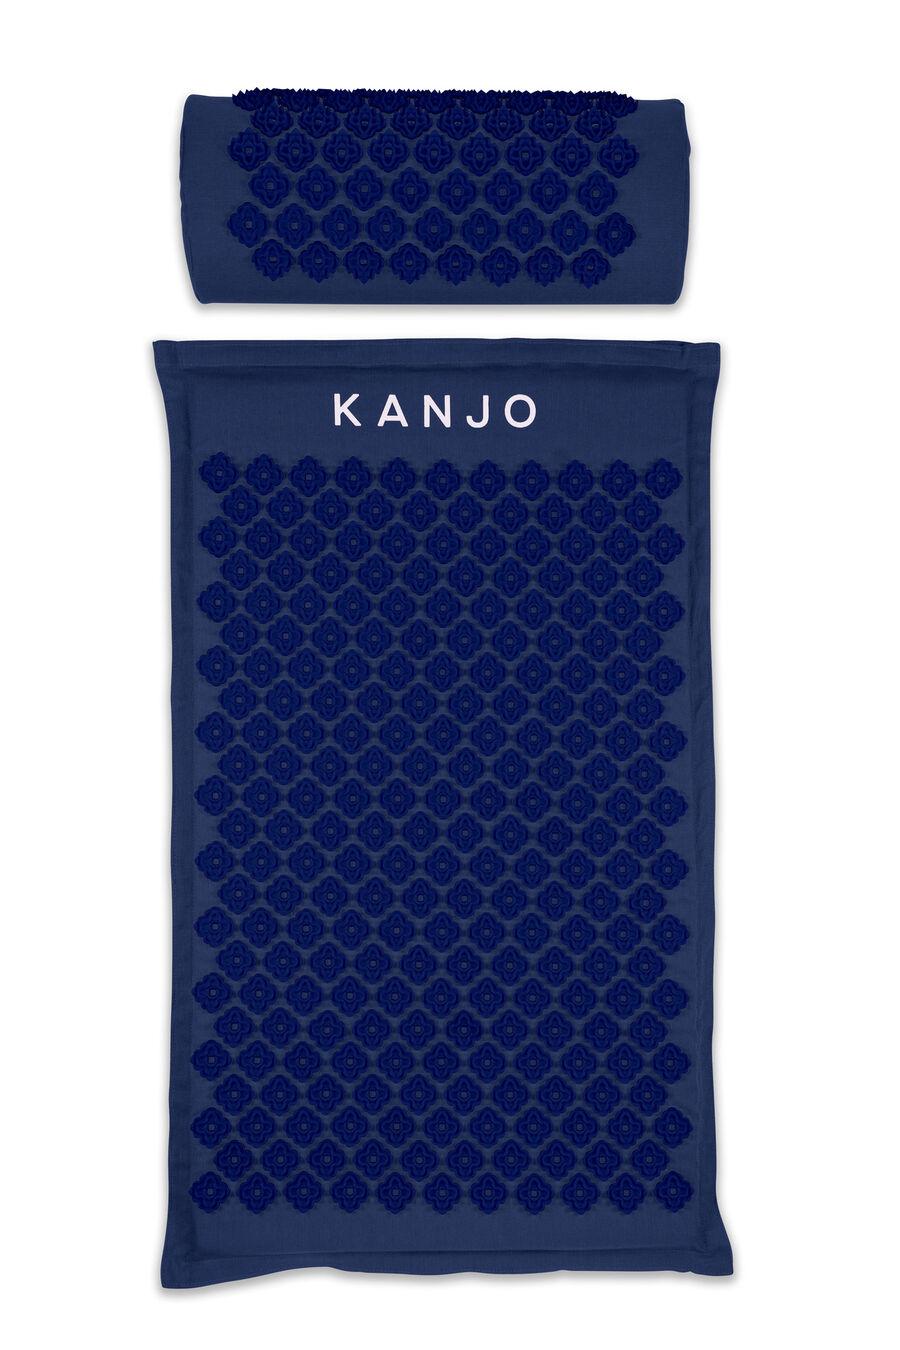 Kanjo Memory Foam Acupressure Mat Set, Navy Blue, , large image number 0